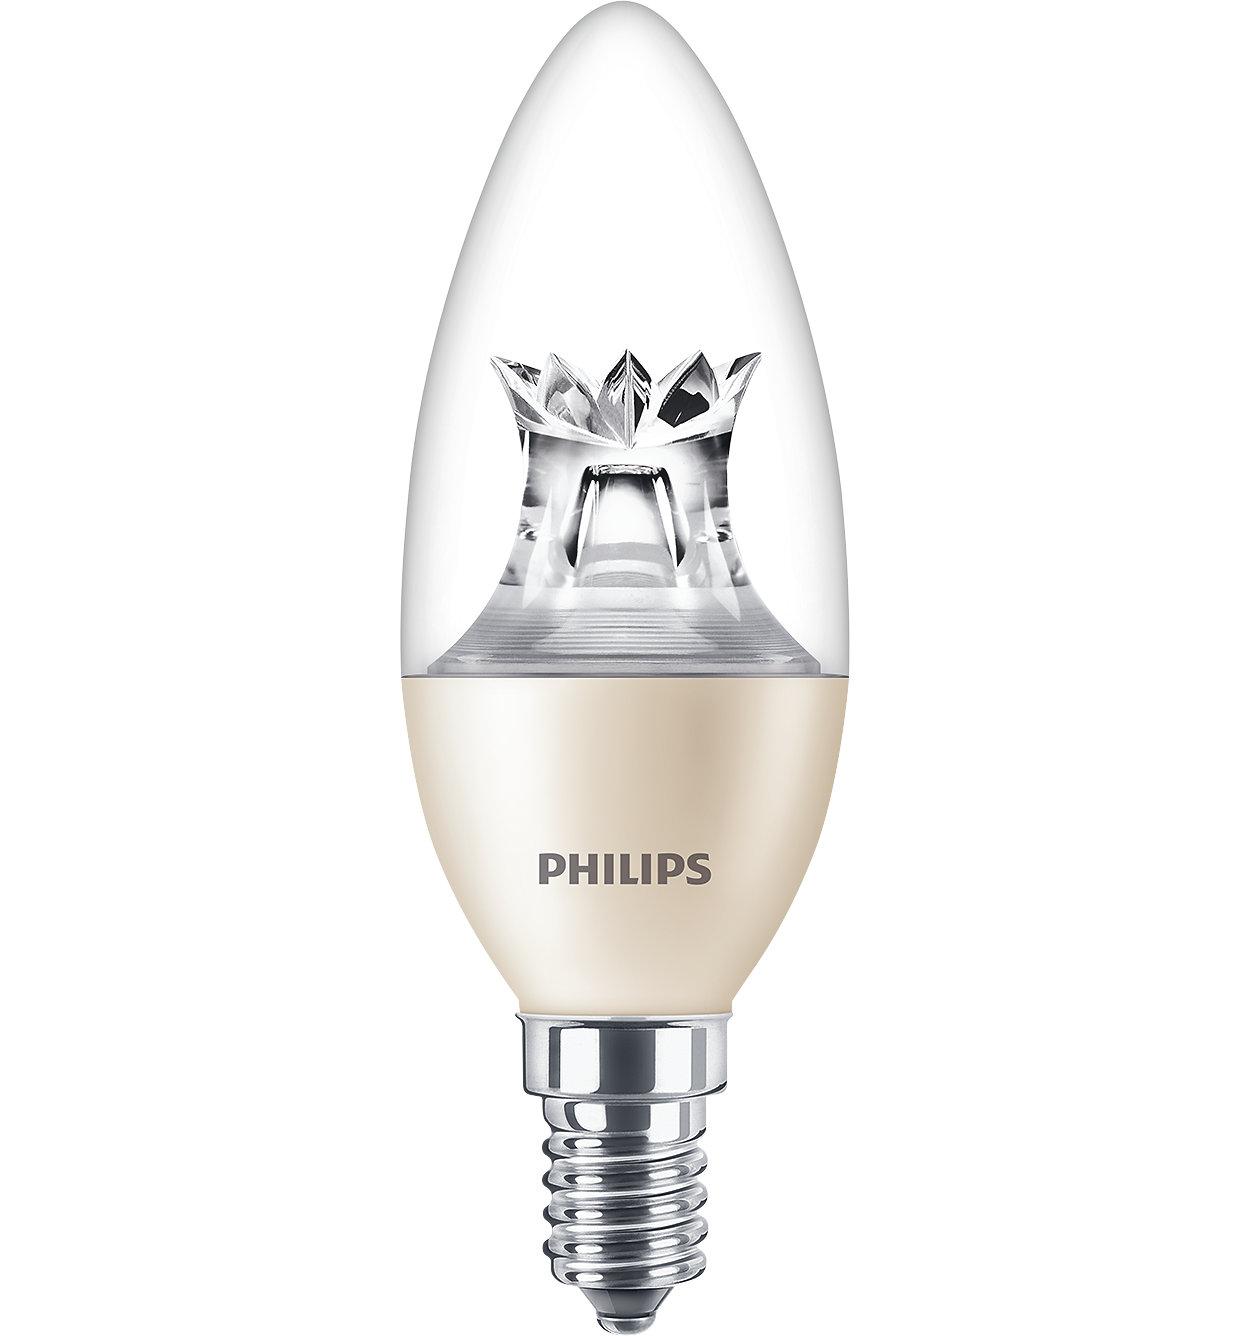 Un design séduisant pour les lustres et autres luminaires décoratifs